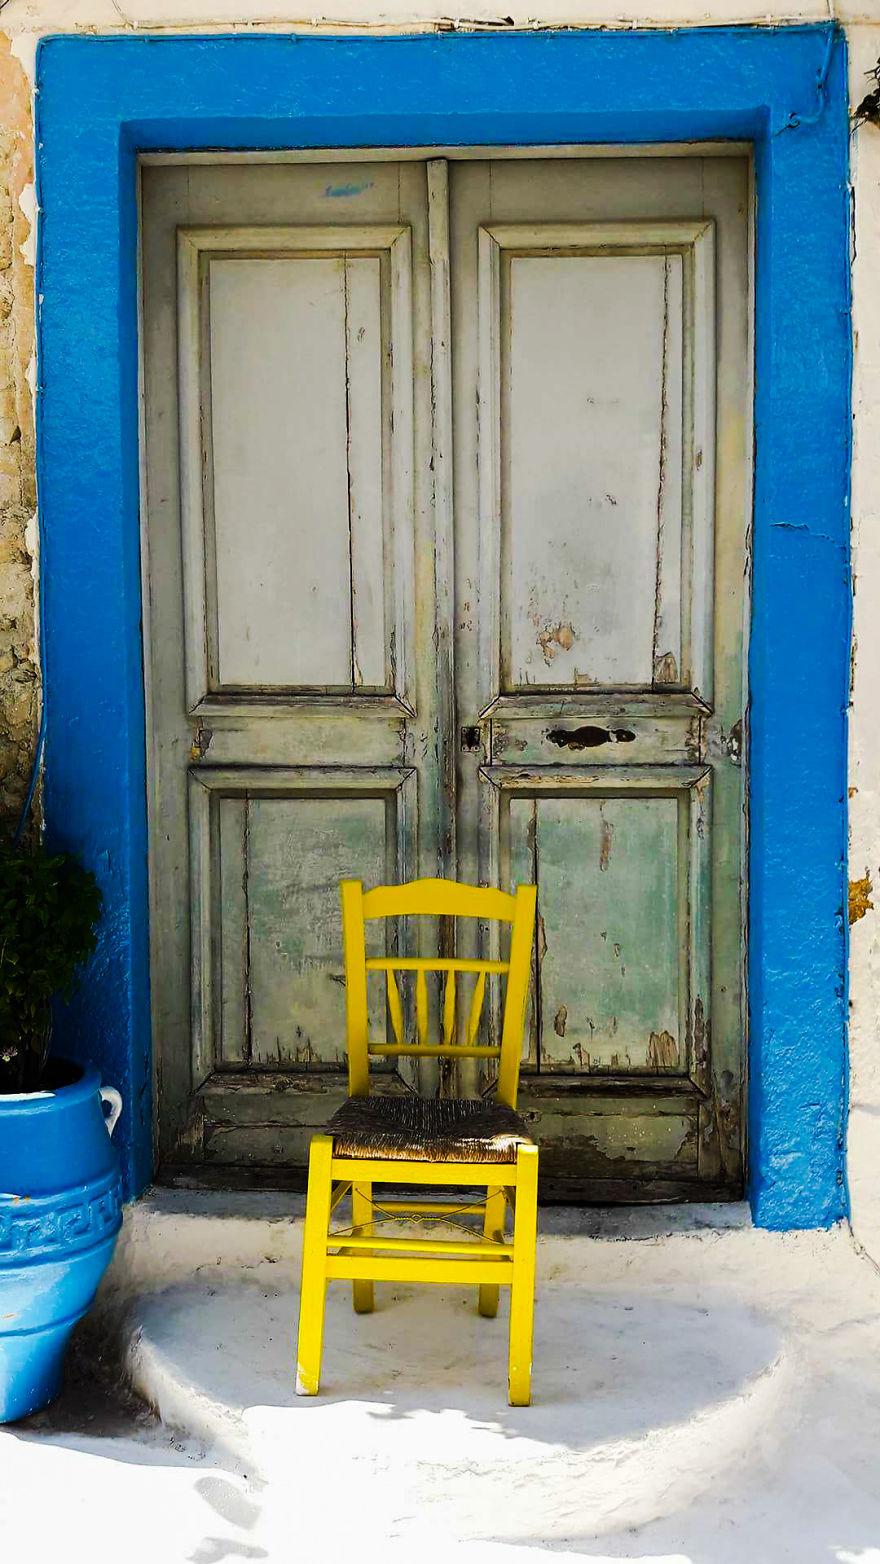 A Moldavian Girl Follows The Doors (Part 2): In Kos Town, Greece